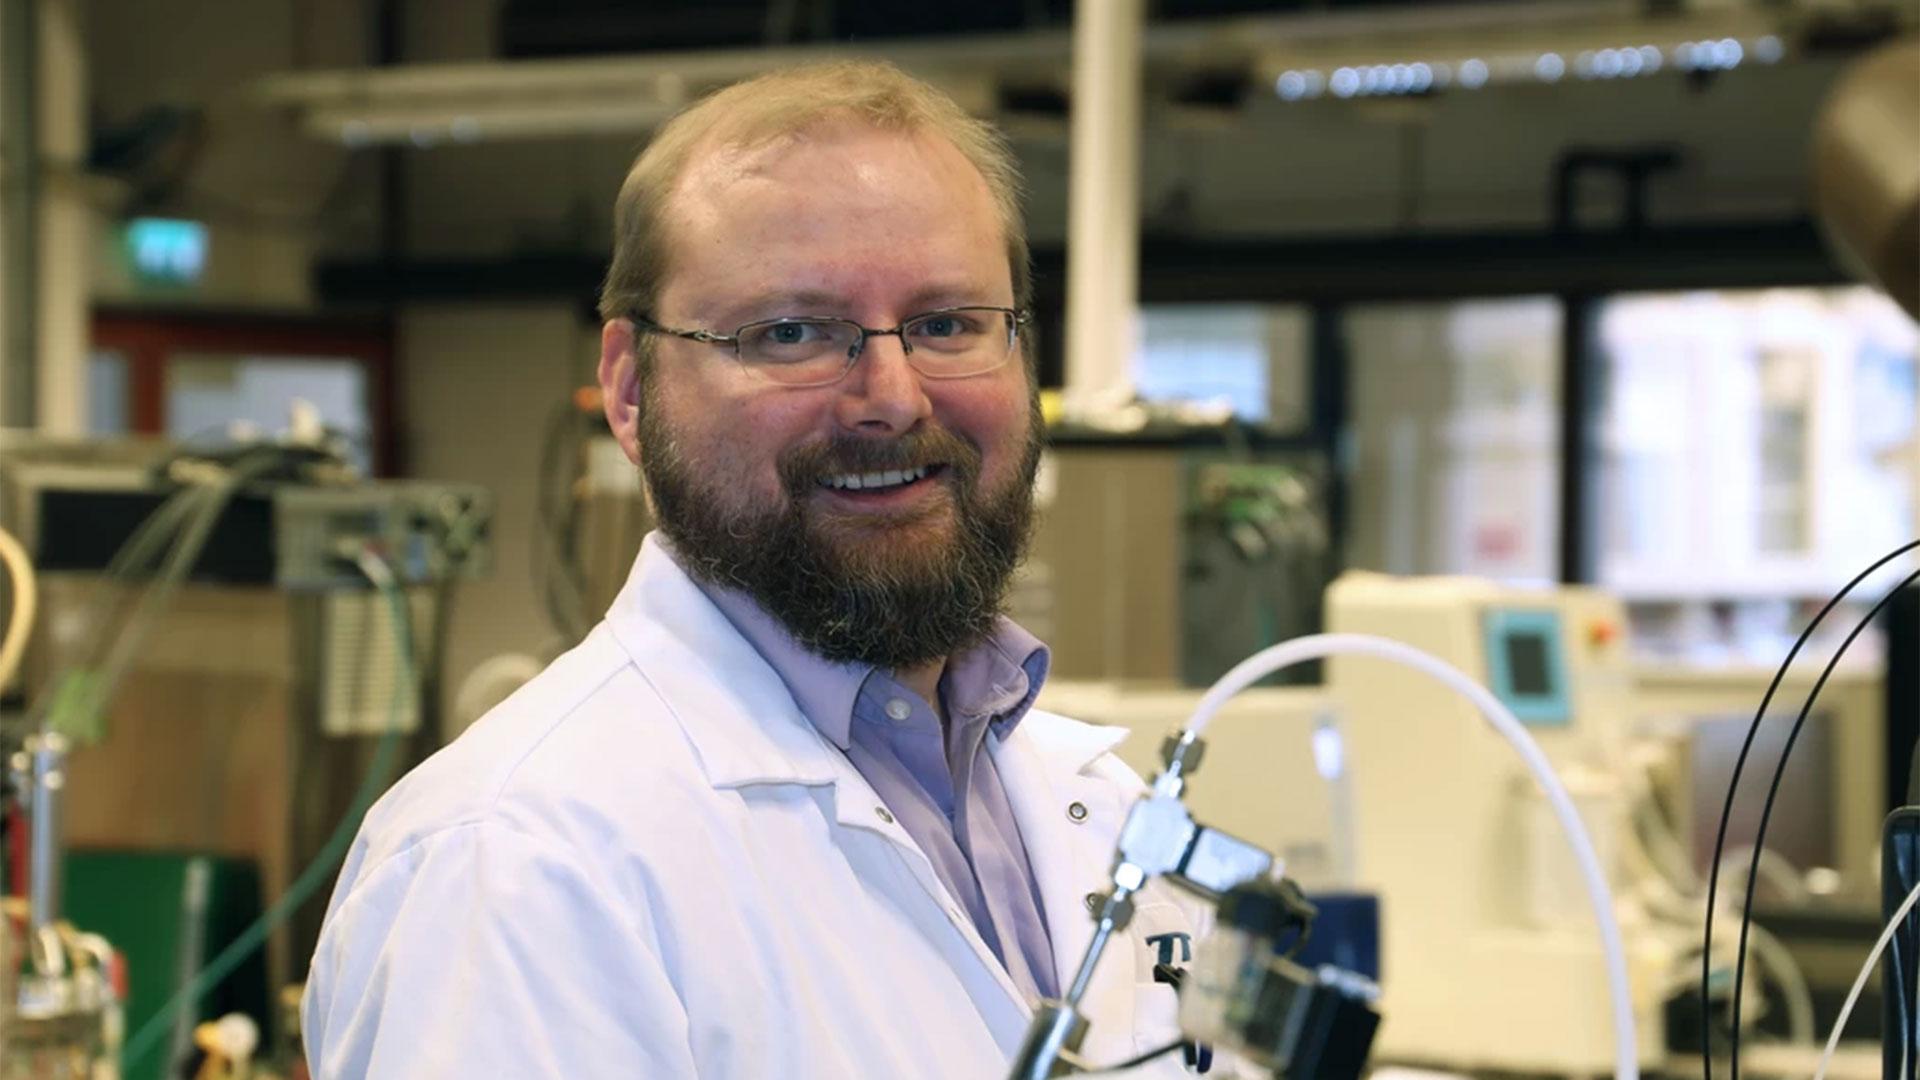 Juha-Pekka Pitkänen es científico e investigador principal del Centro técnico de investigaciones de Finlandia